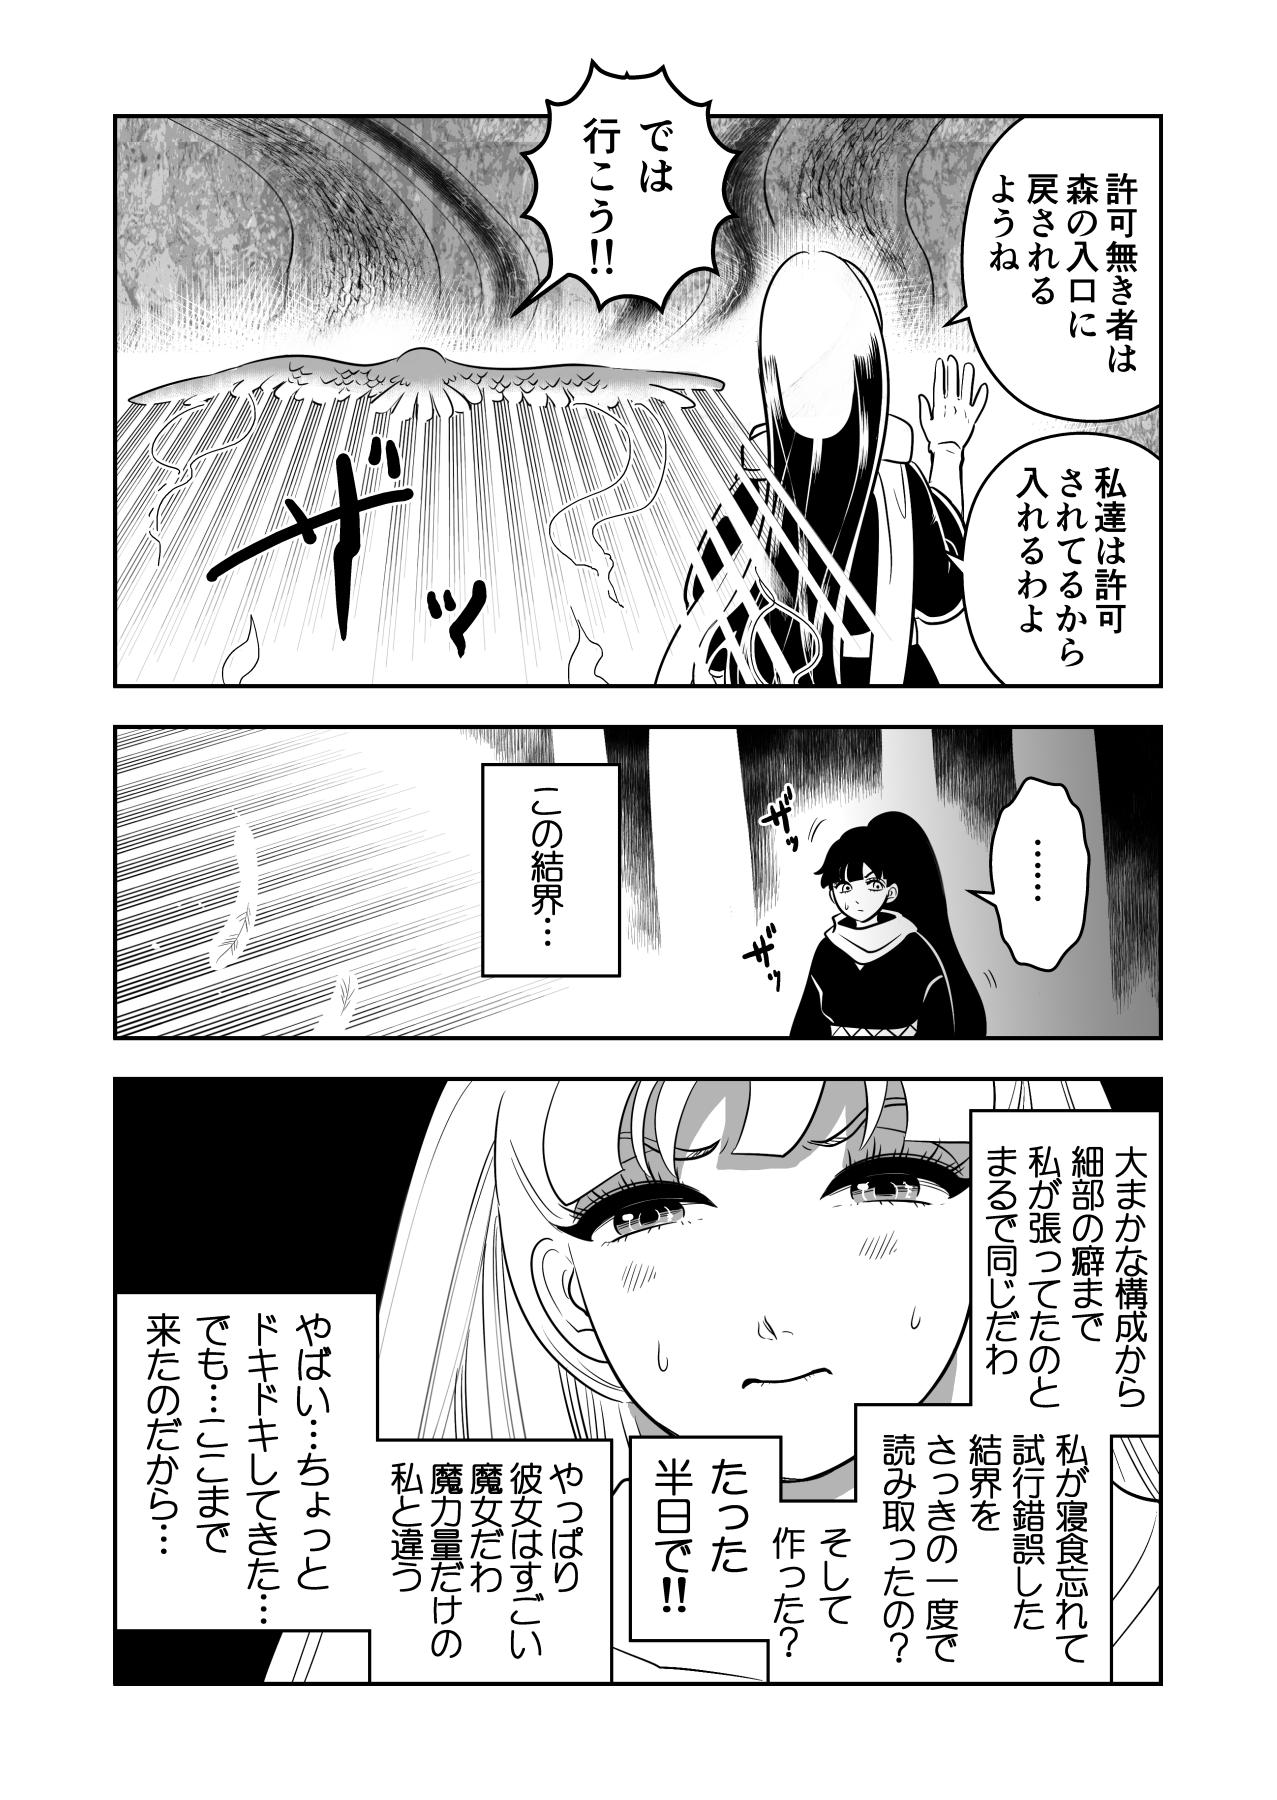 ヤサグレ魔女とグリザベッラと魔女の使い魔0089